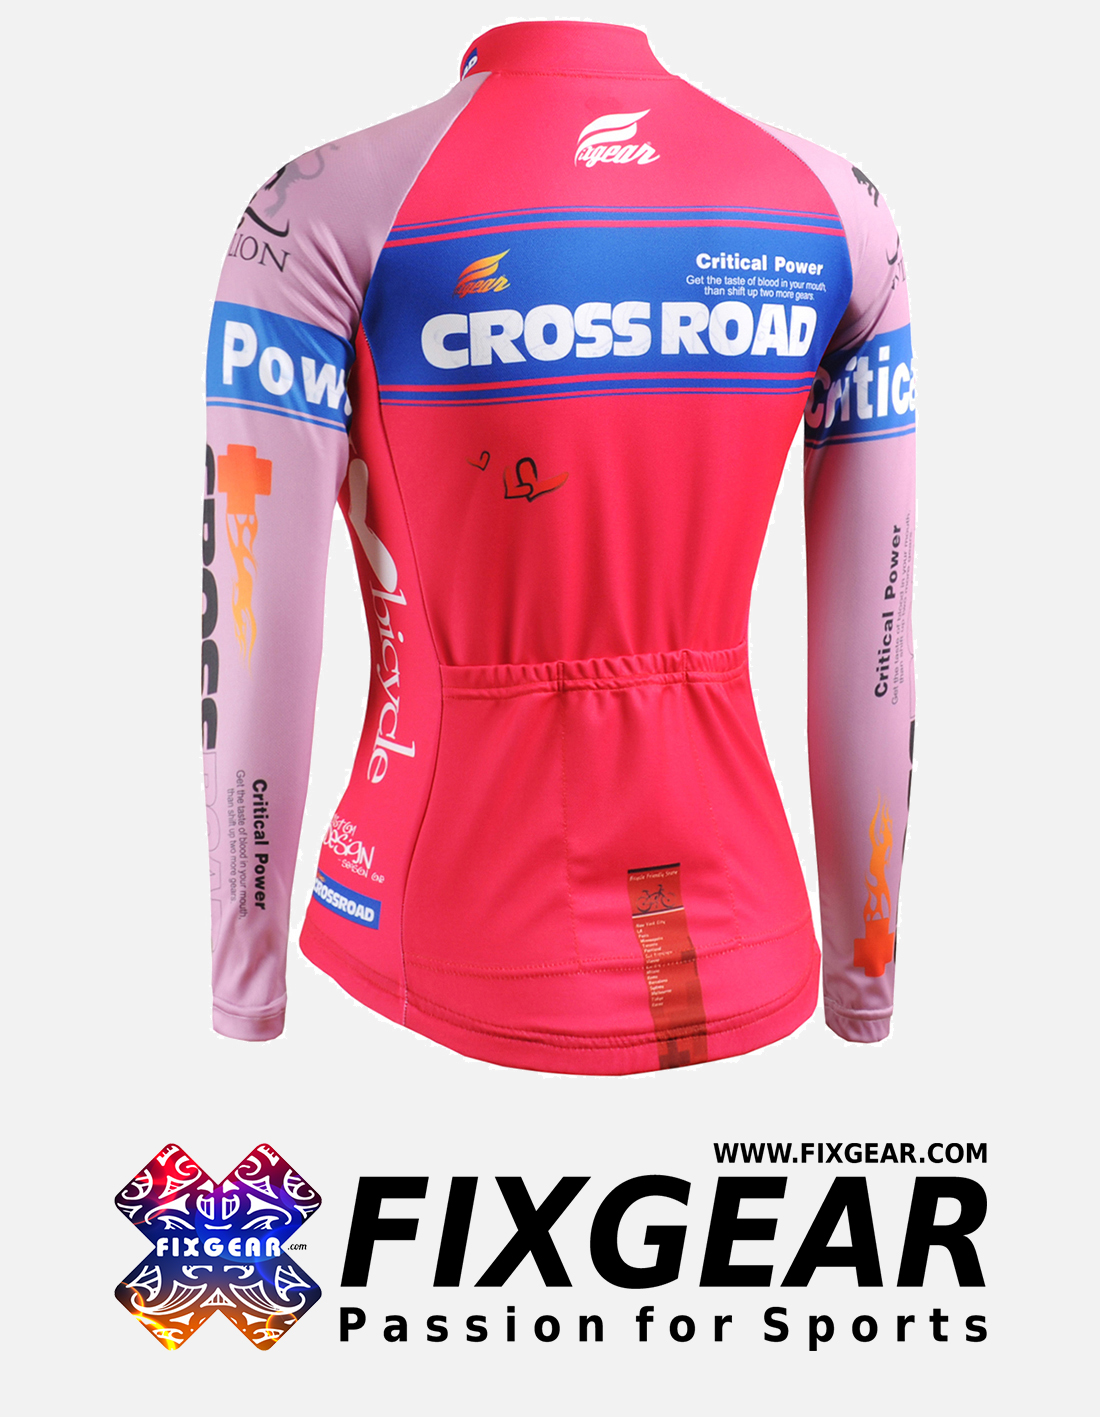 FIXGEAR CS-W7P1 Women's Long Sleeve Jersey